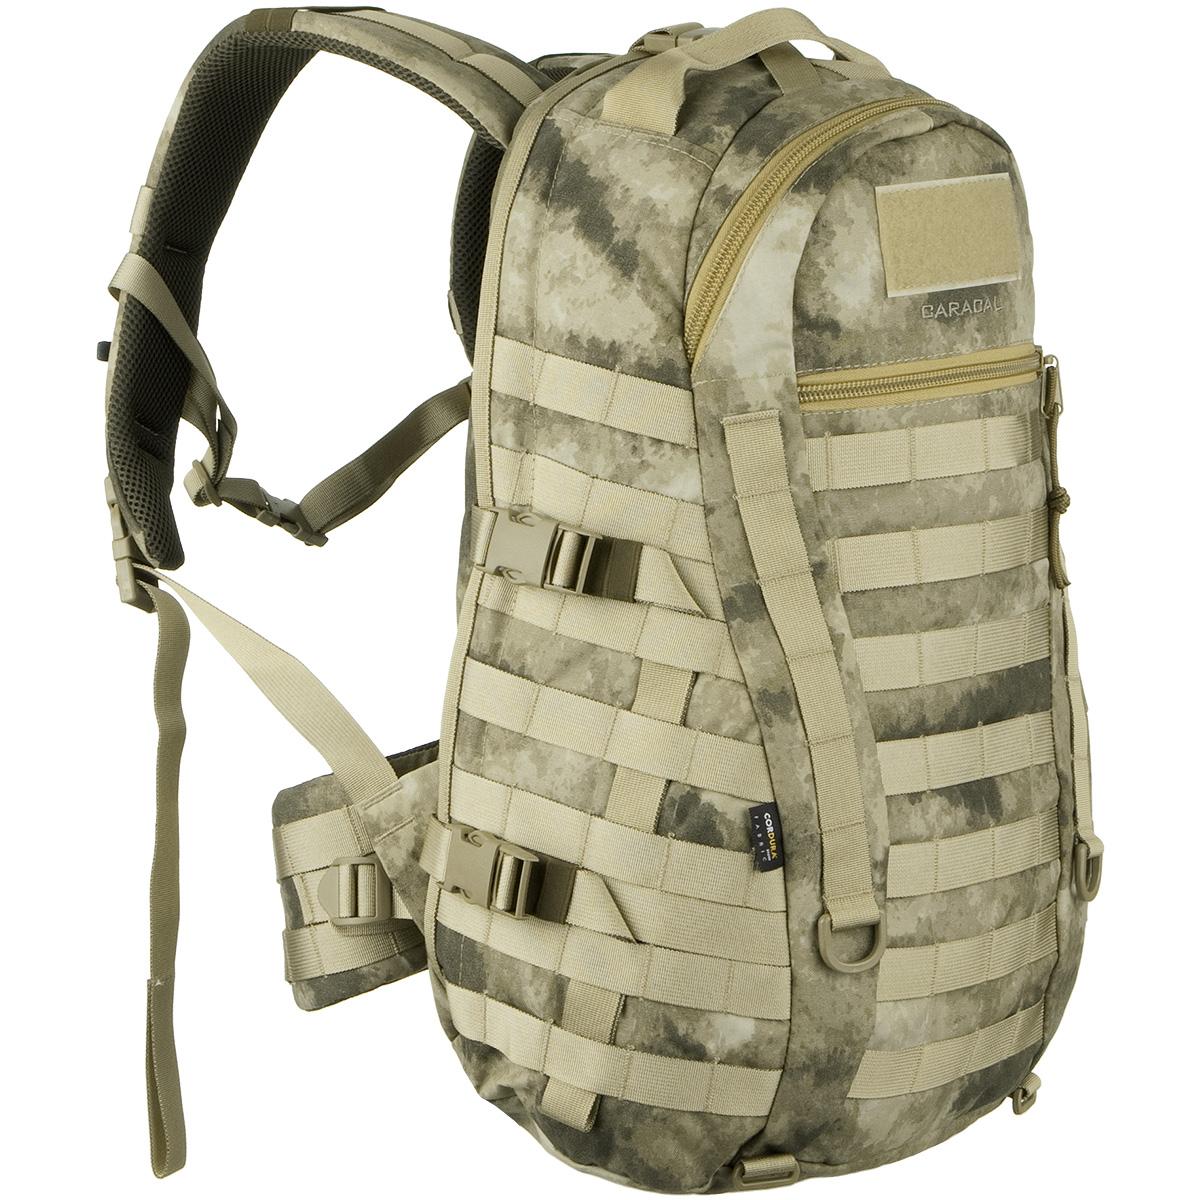 Military Camelbak Backpack